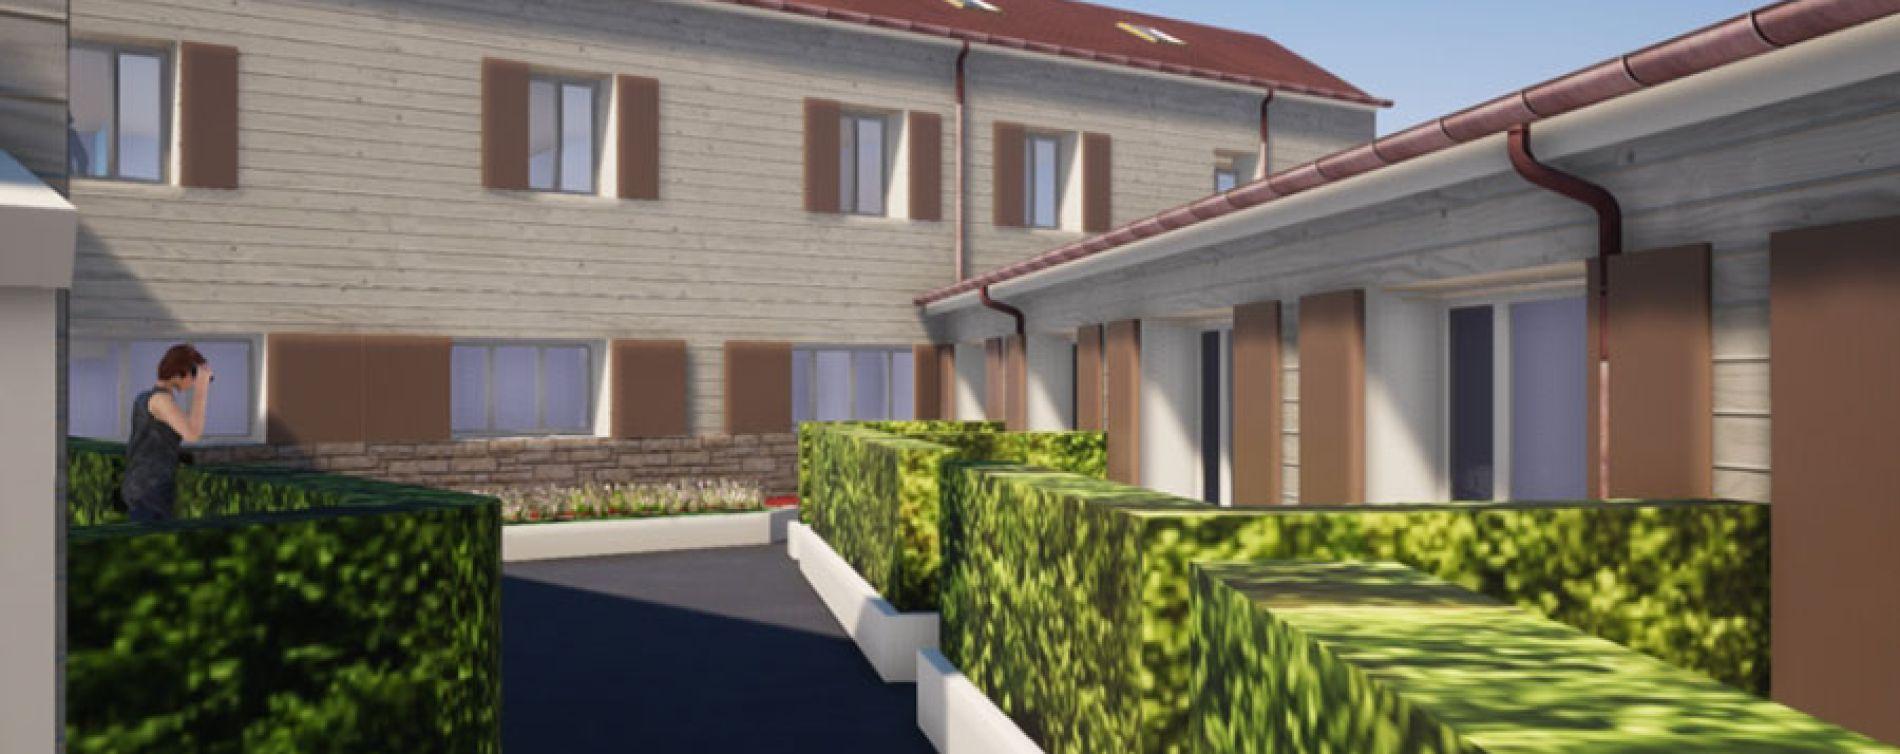 Chelles : programme immobilier à rénover « Bâtiment D - 10 Rue de Gournay » en Déficit Foncier (5)